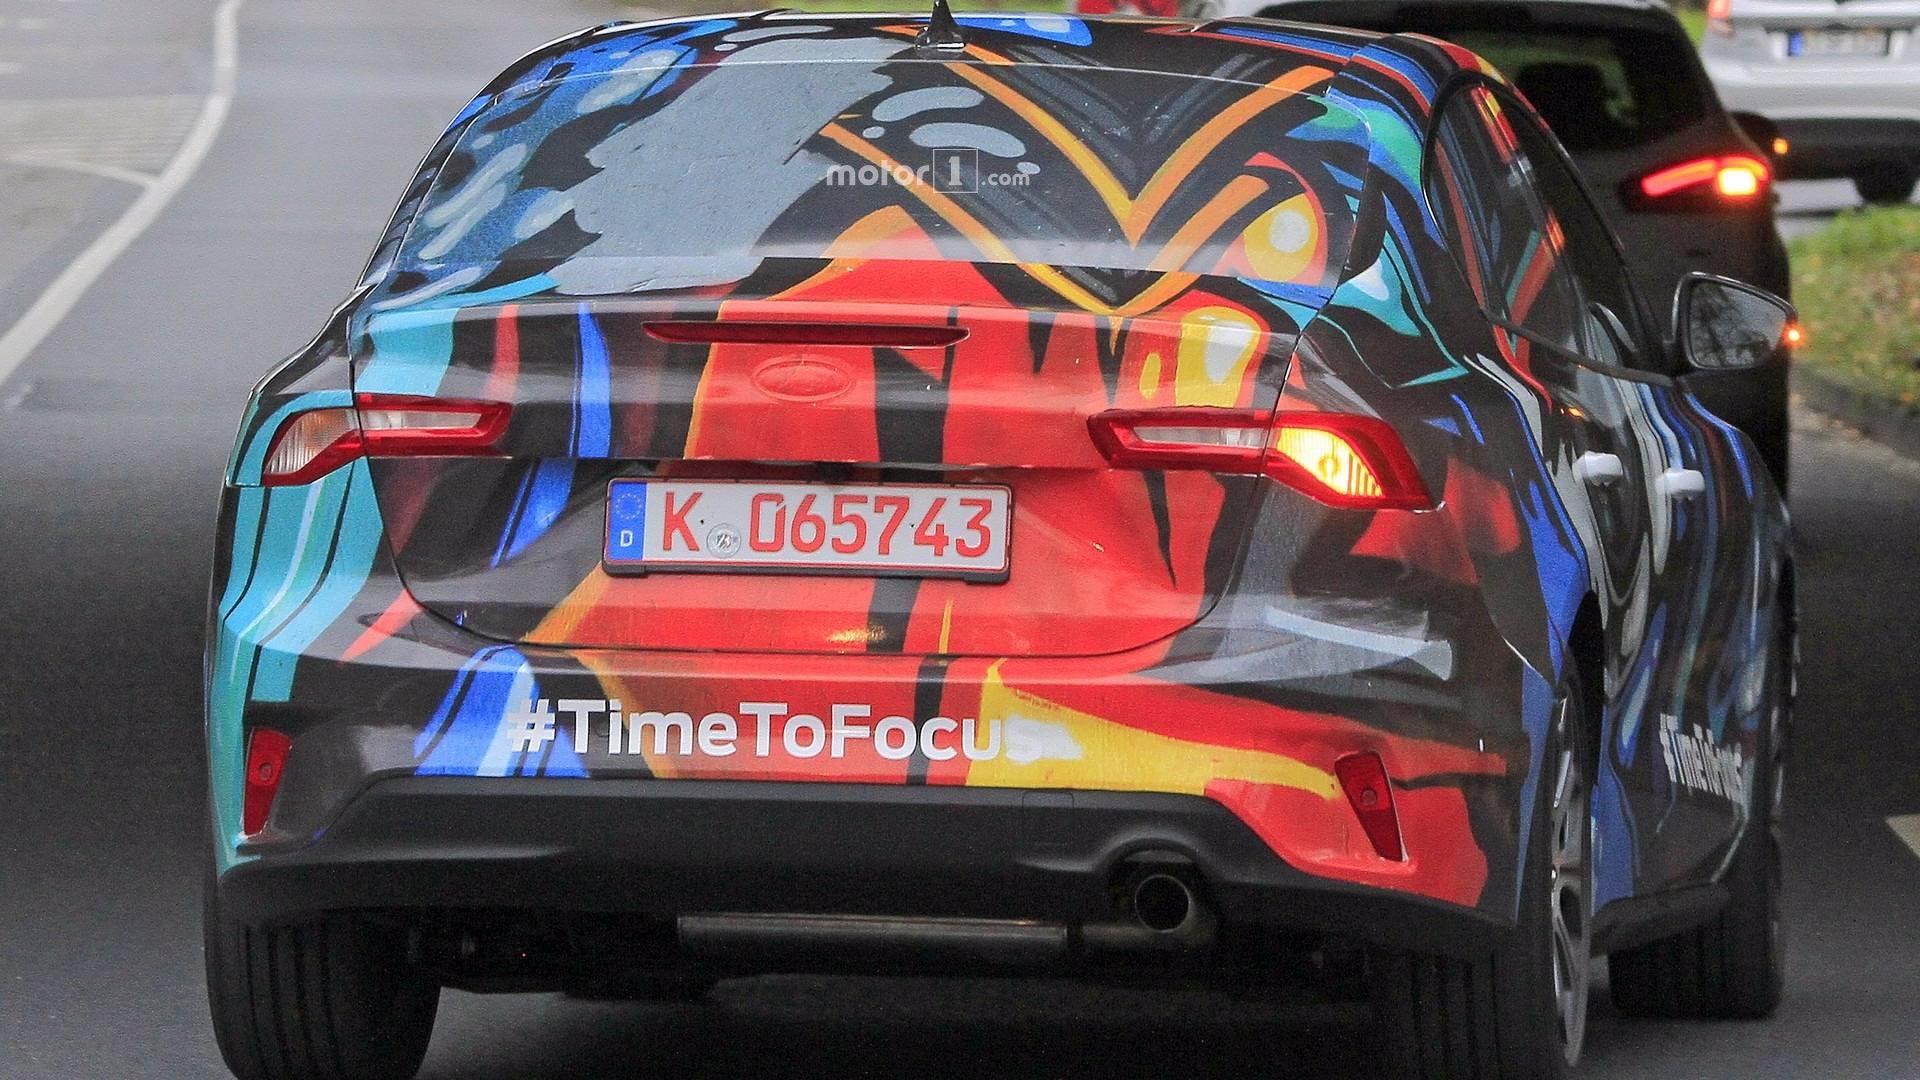 2019 ford focus sedan spy photo فورد فوکوس در ماه ژوئن رونمایی می شود   اجاره ماشین